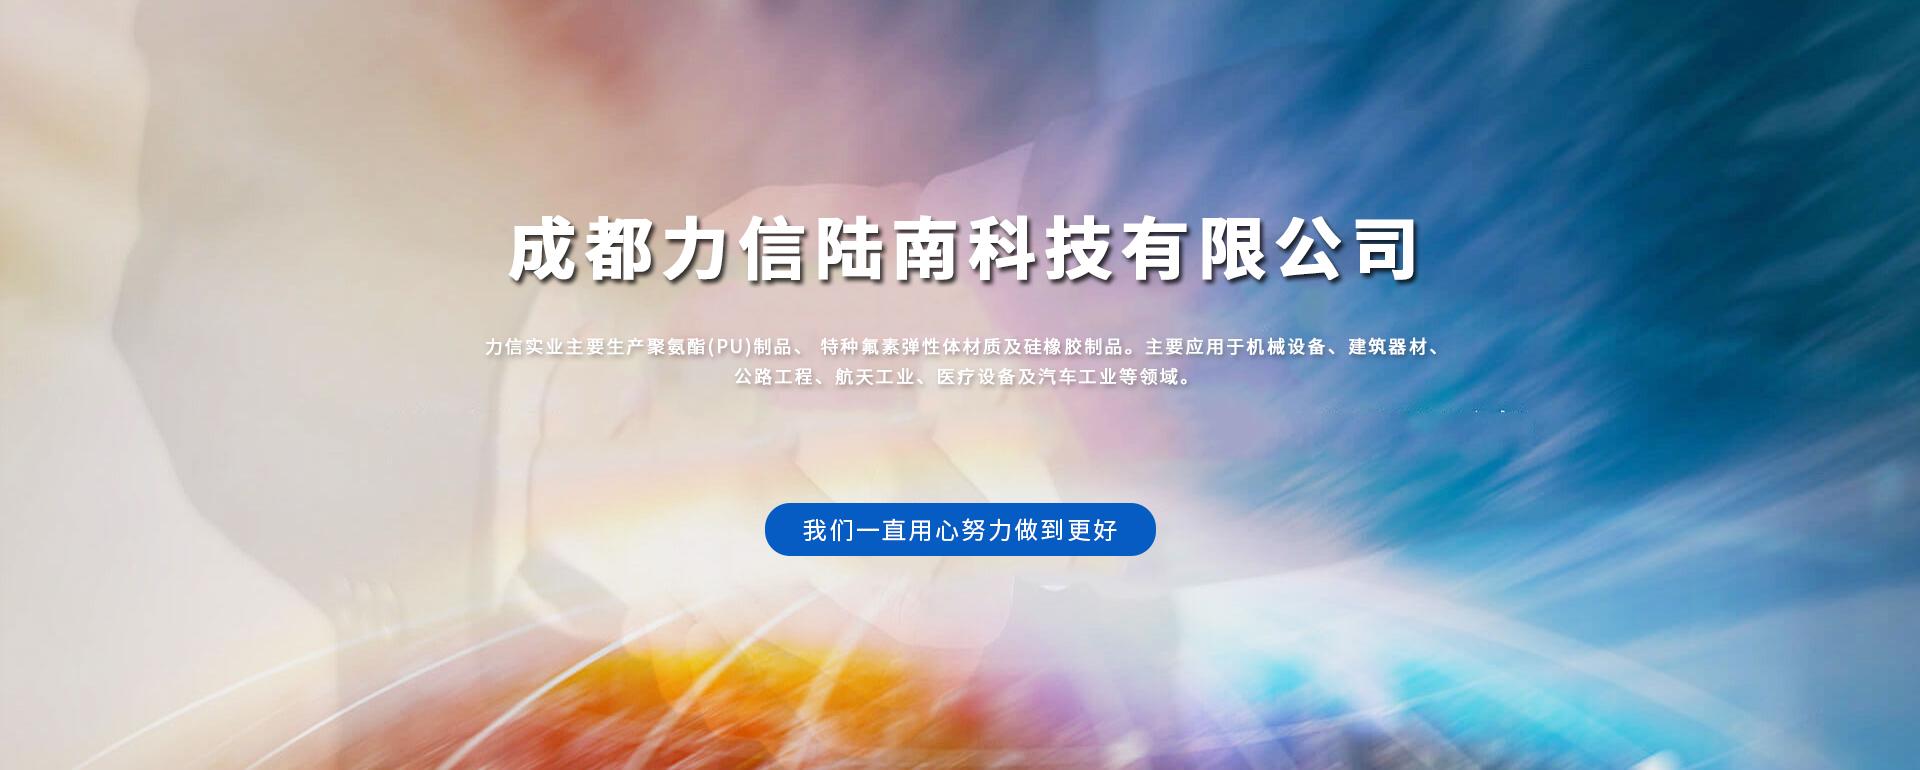 成都力信陆南科技有限公司